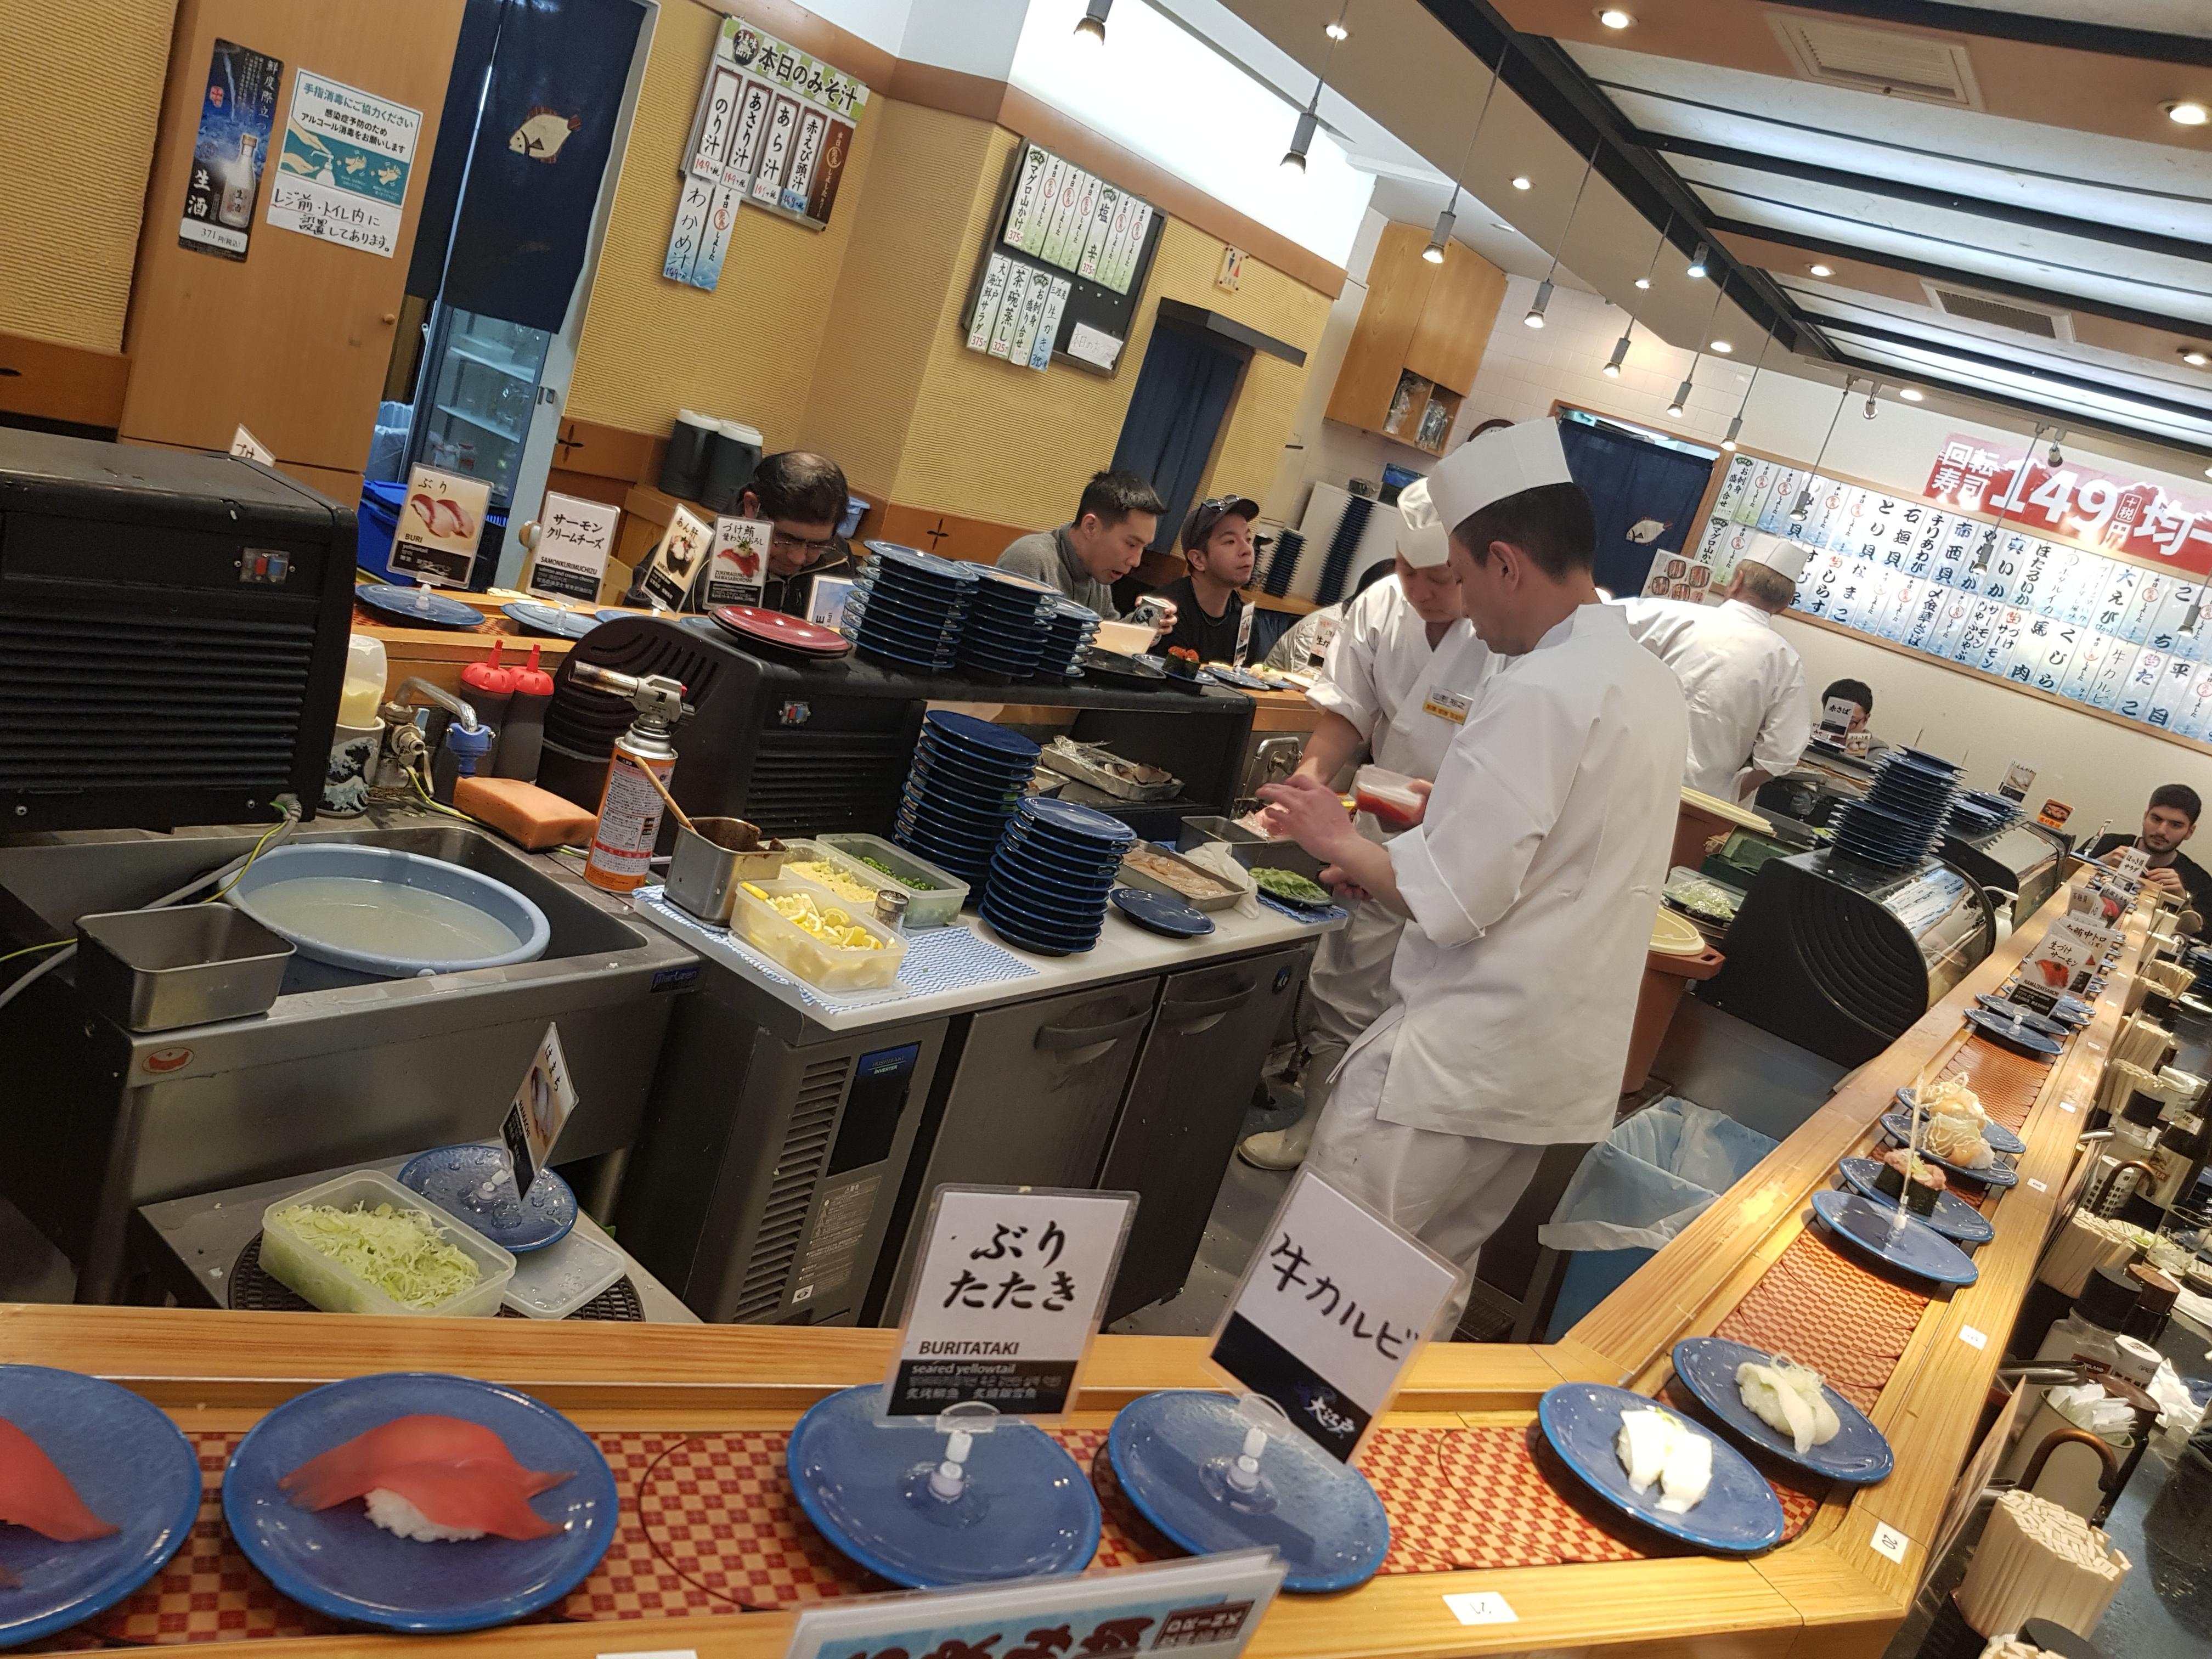 آشپزهای در حال درست کردن سوشی ها و قراردادن روی ریل مورد نظر